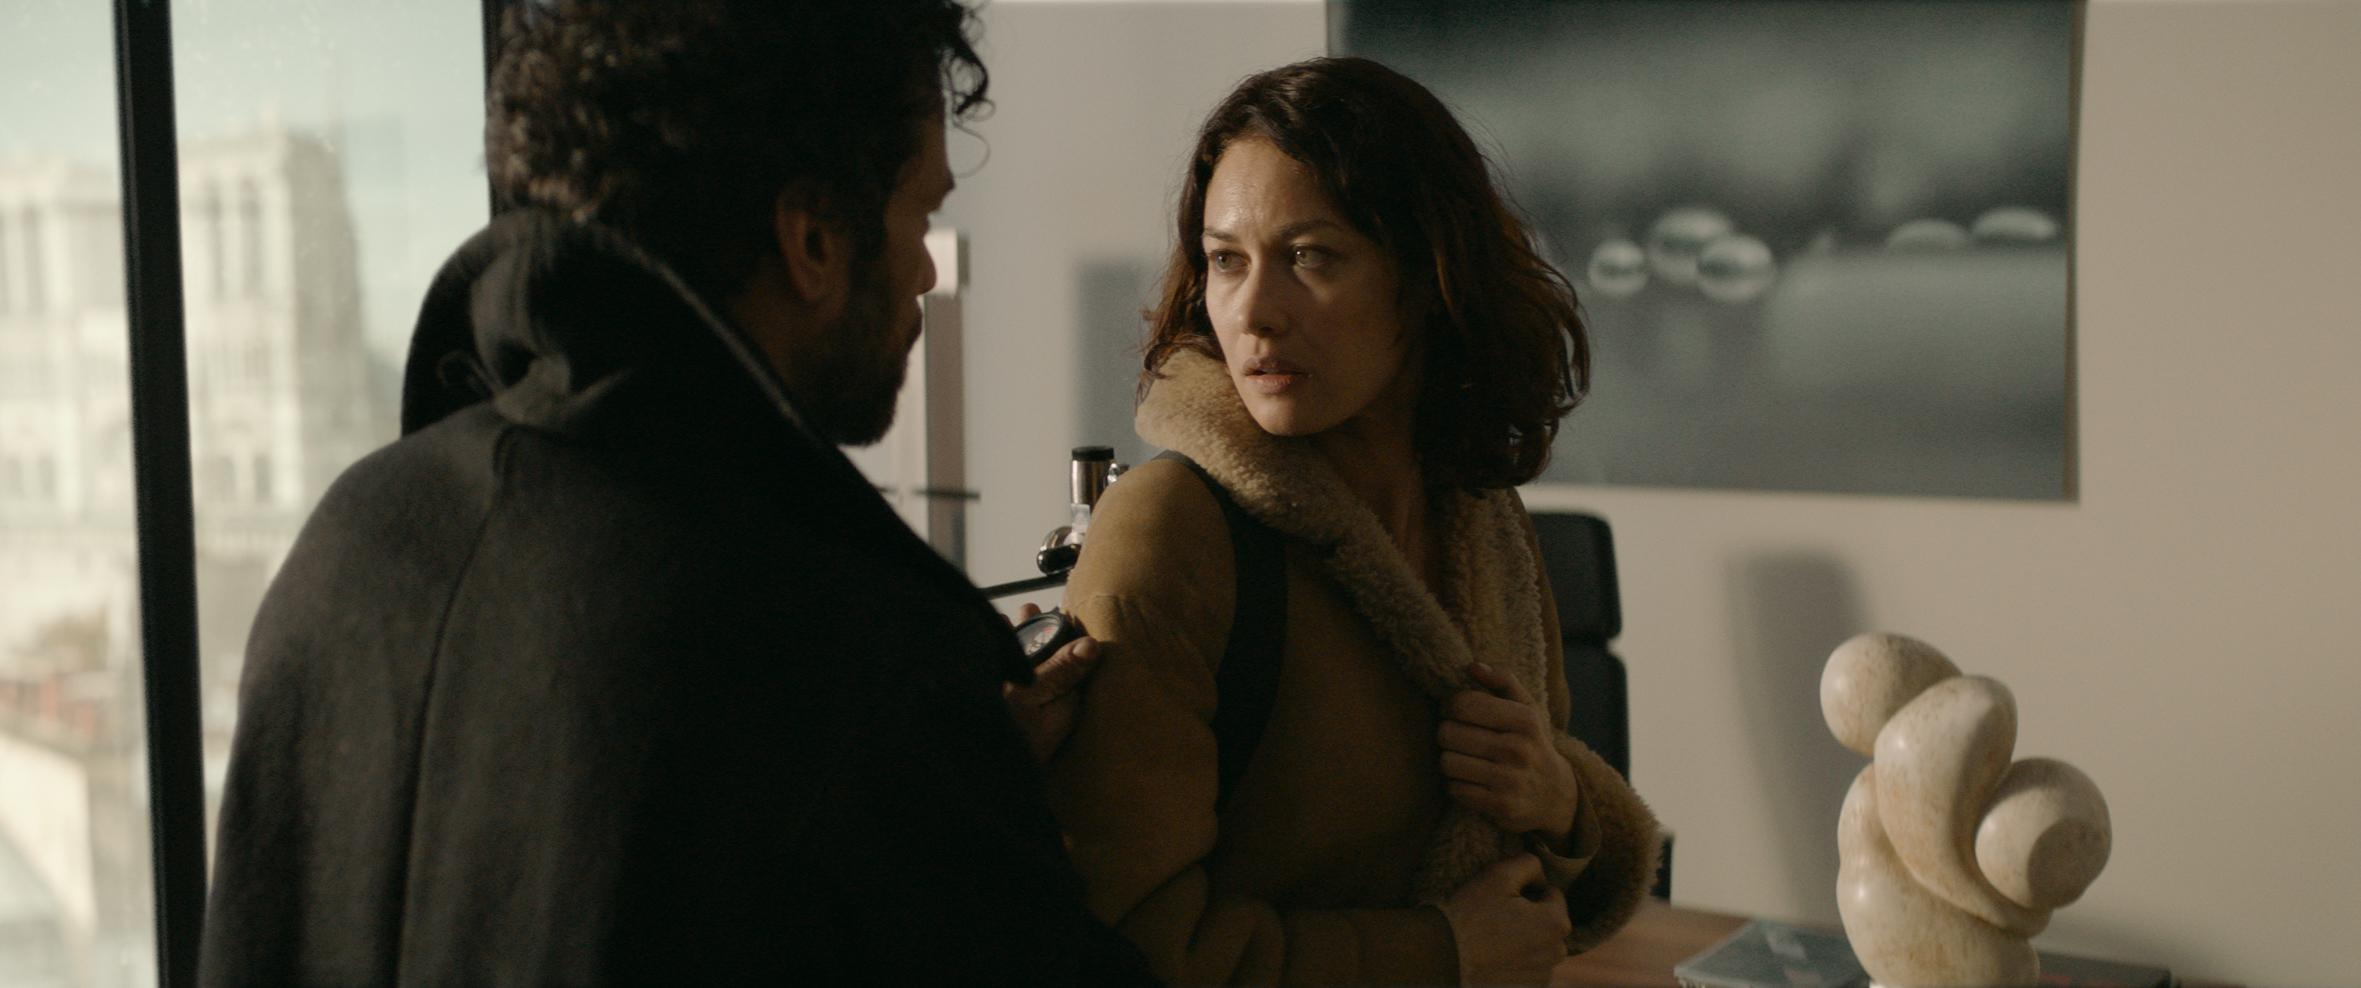 Фото из фильма Фильм - На расстоянии дыхания